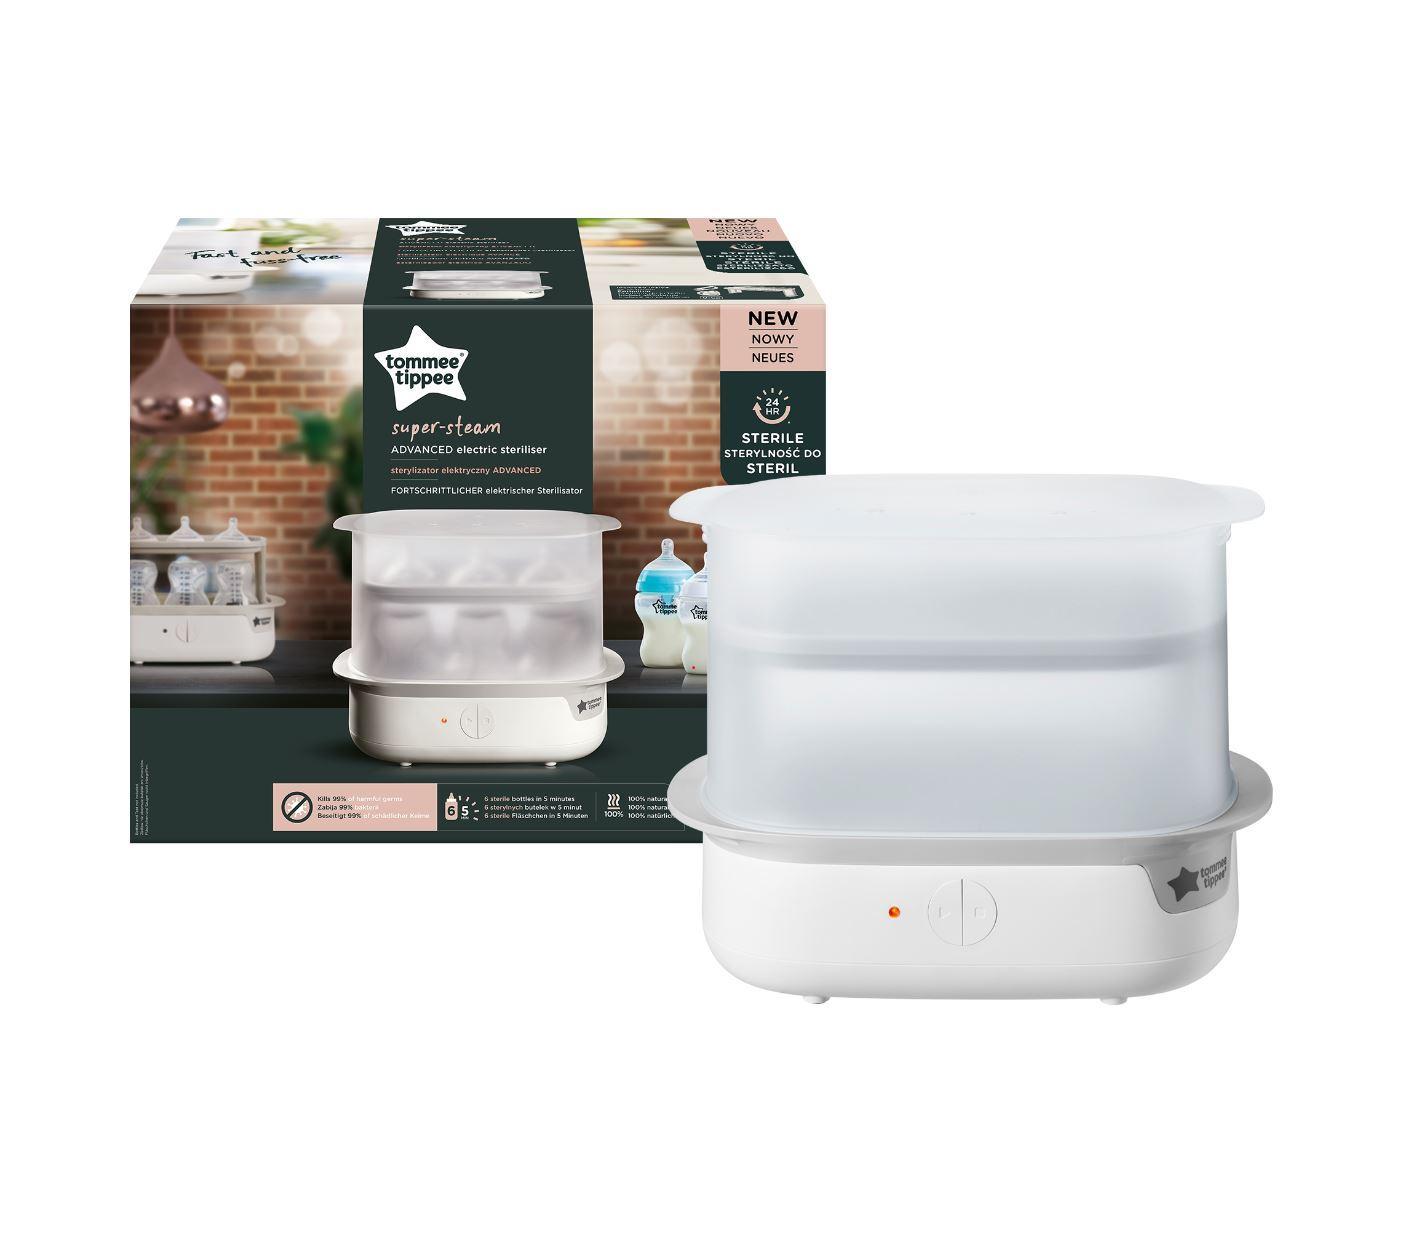 Stérilisateur électrique sans BPA